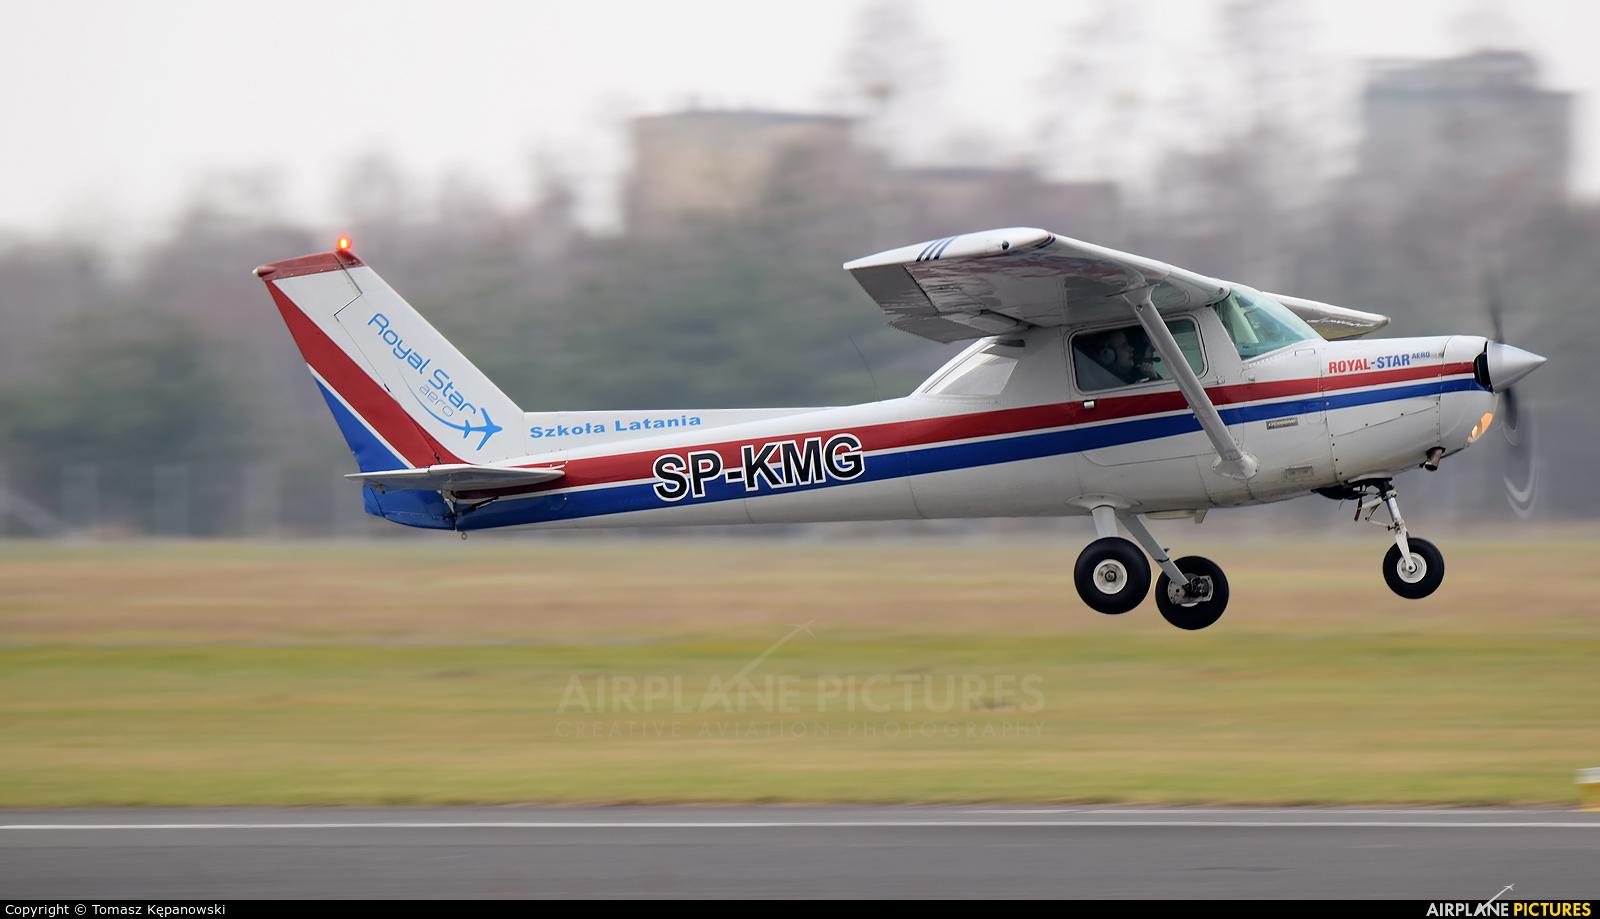 Royal Star Aero SP-KMG aircraft at Mielec